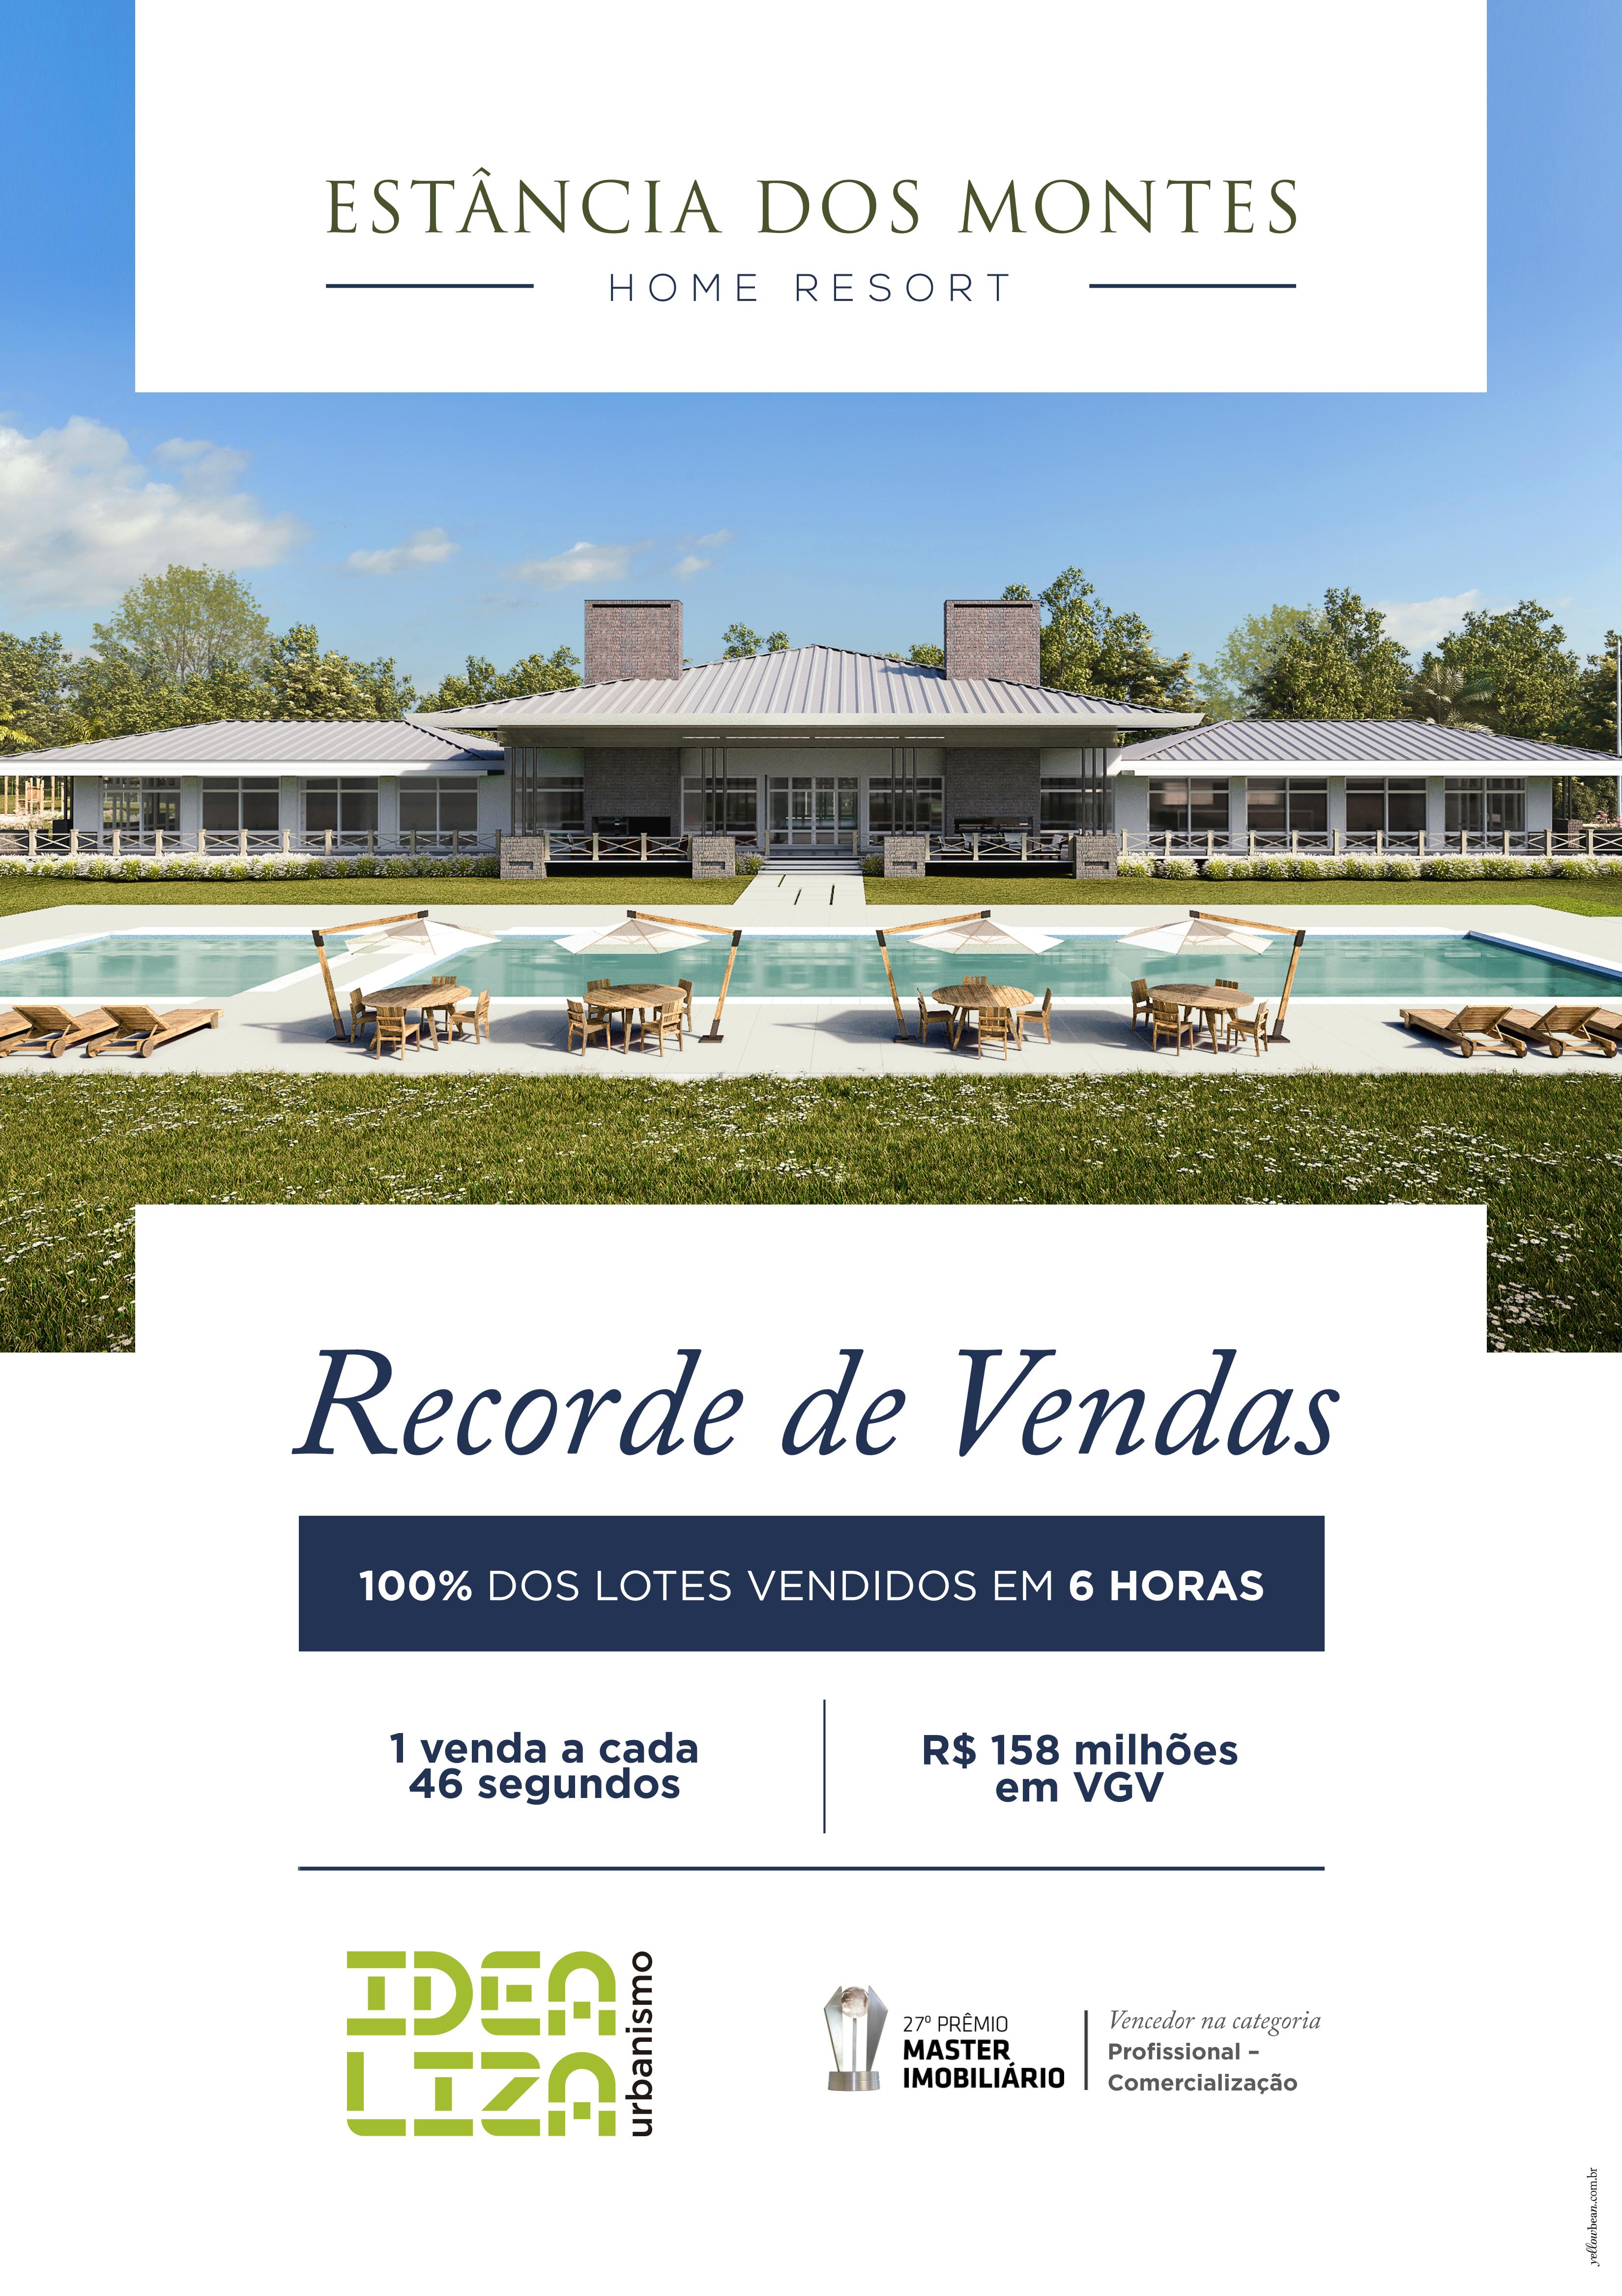 Estância dos Montes Home Resort, recorde de vendas